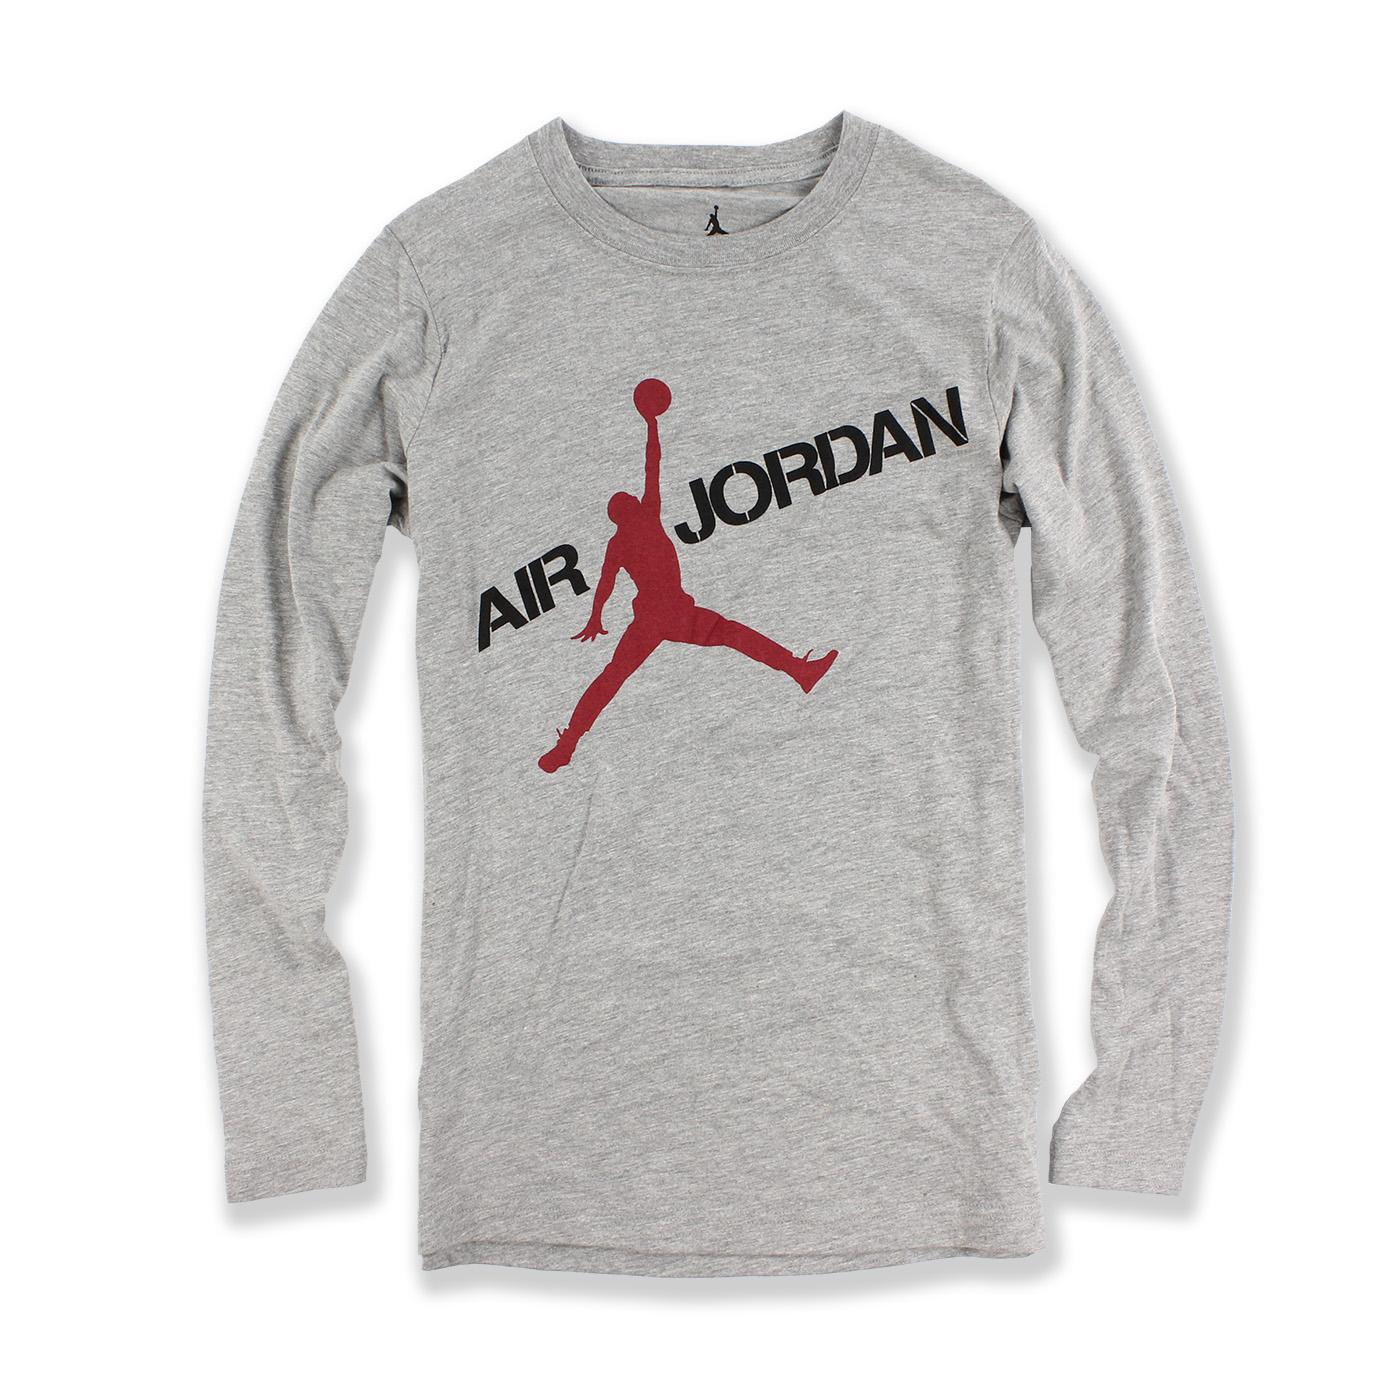 美國百分百【全新真品】Jordan 喬丹 上衣 男 logo 長袖 T恤 T-shirt 灰色 XS號 F743